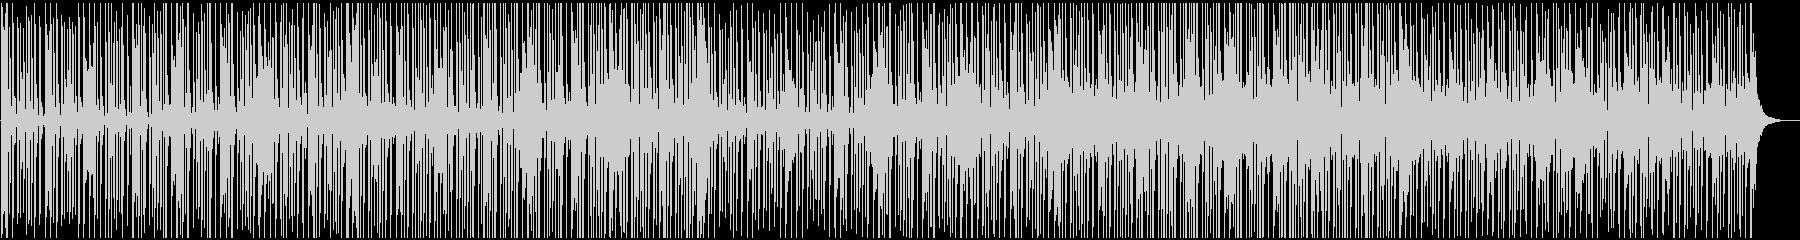 軽快カッティングギターのシンプルなBGMの未再生の波形